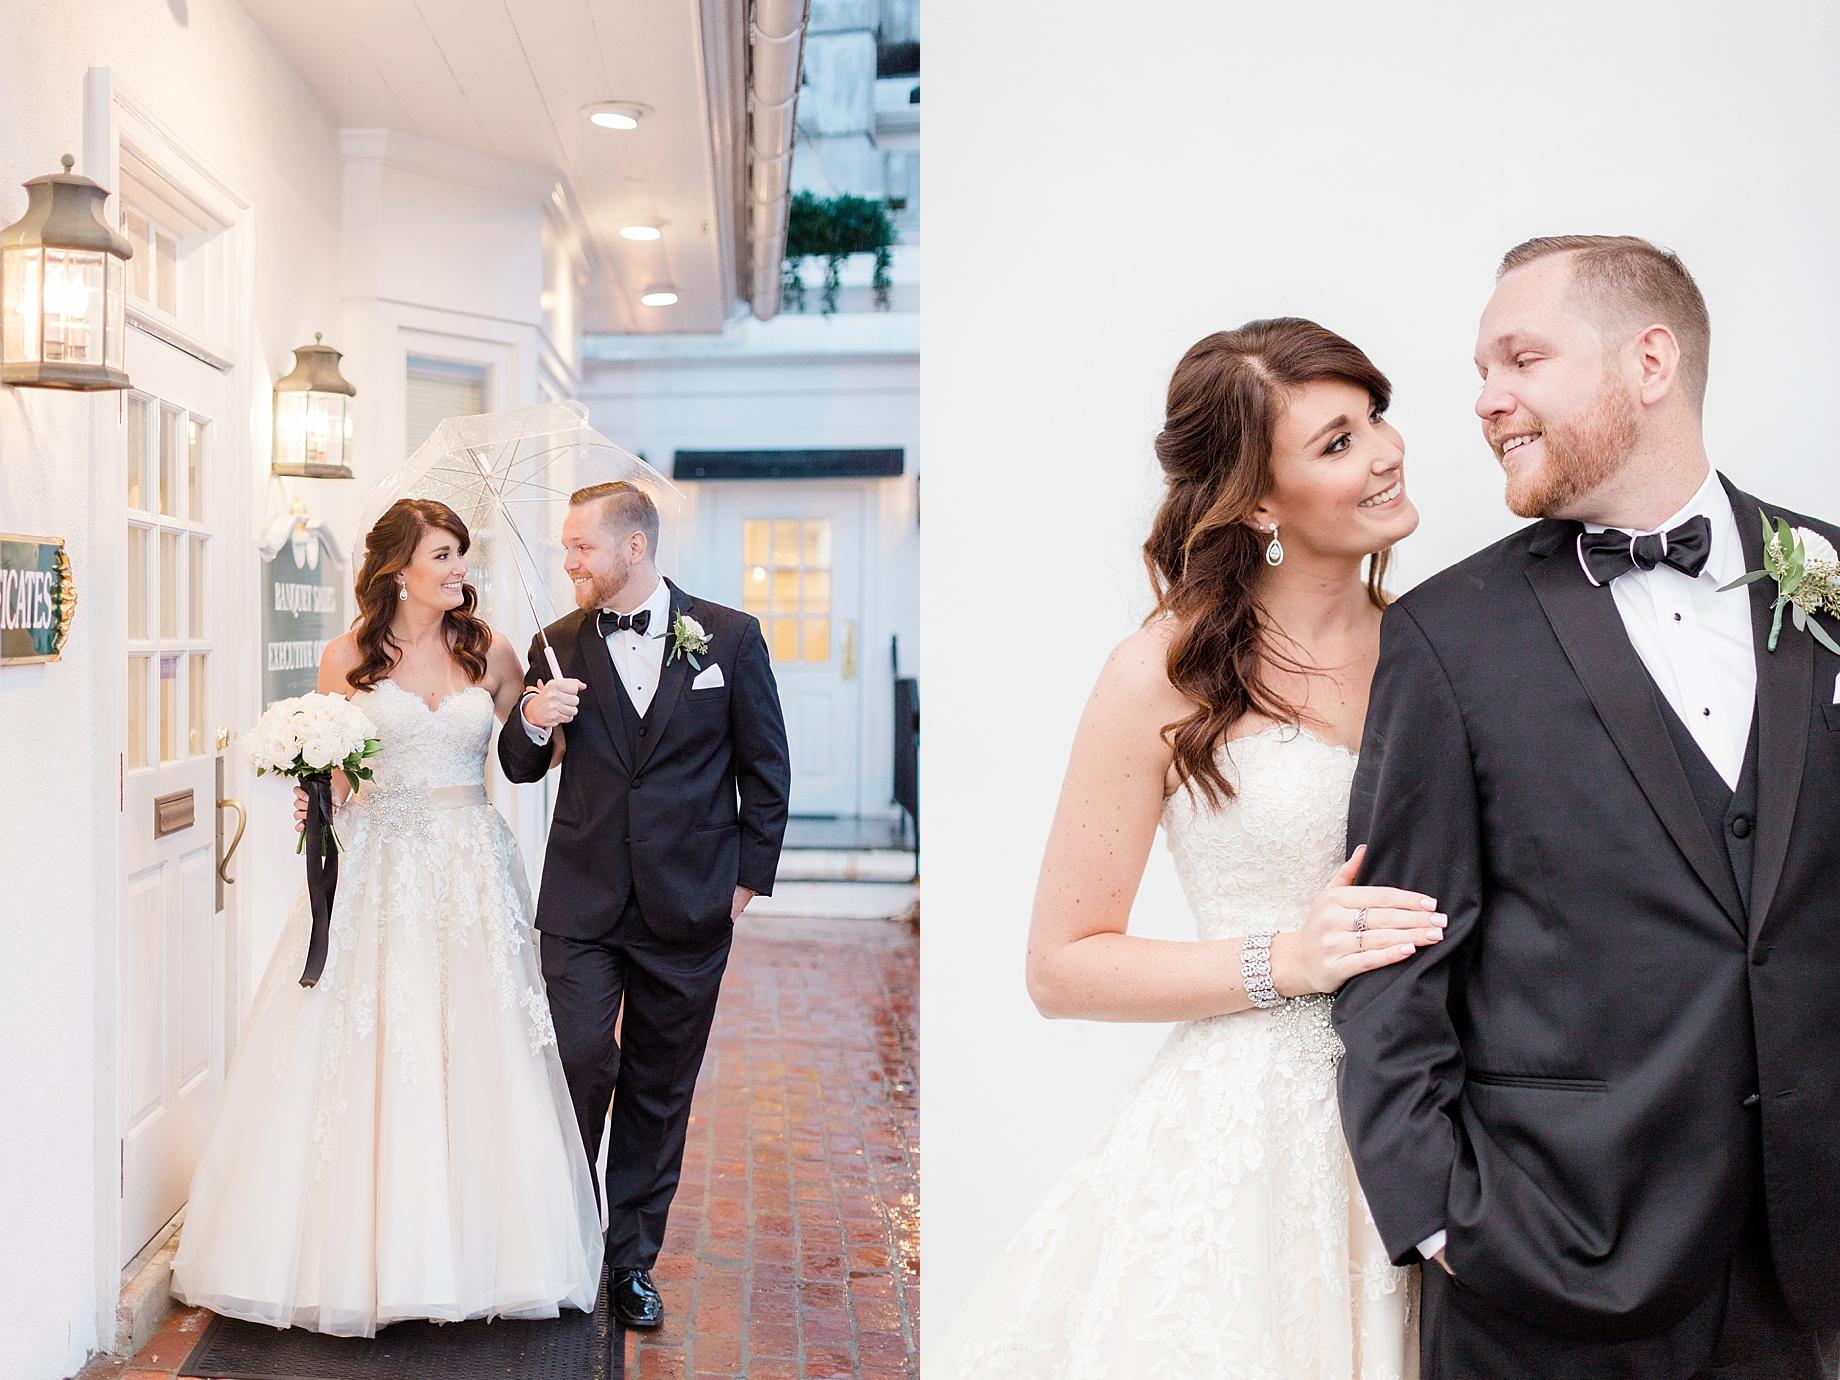 Wedding portraits in the rain   William Penn Inn Wedding